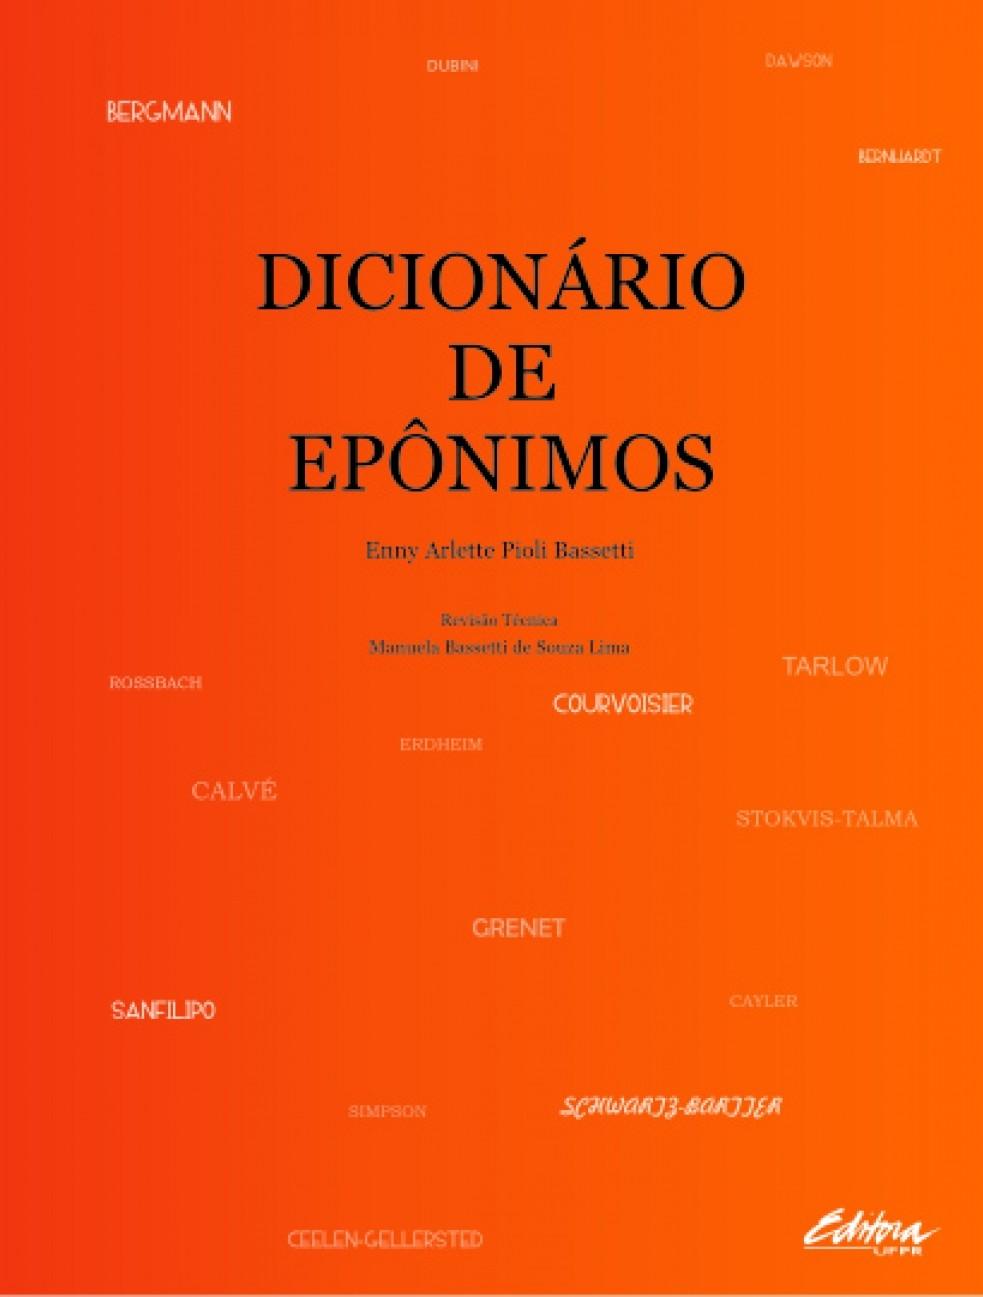 Dicionário de epônimos, livro de Enny Arlette Pioli Bassetti